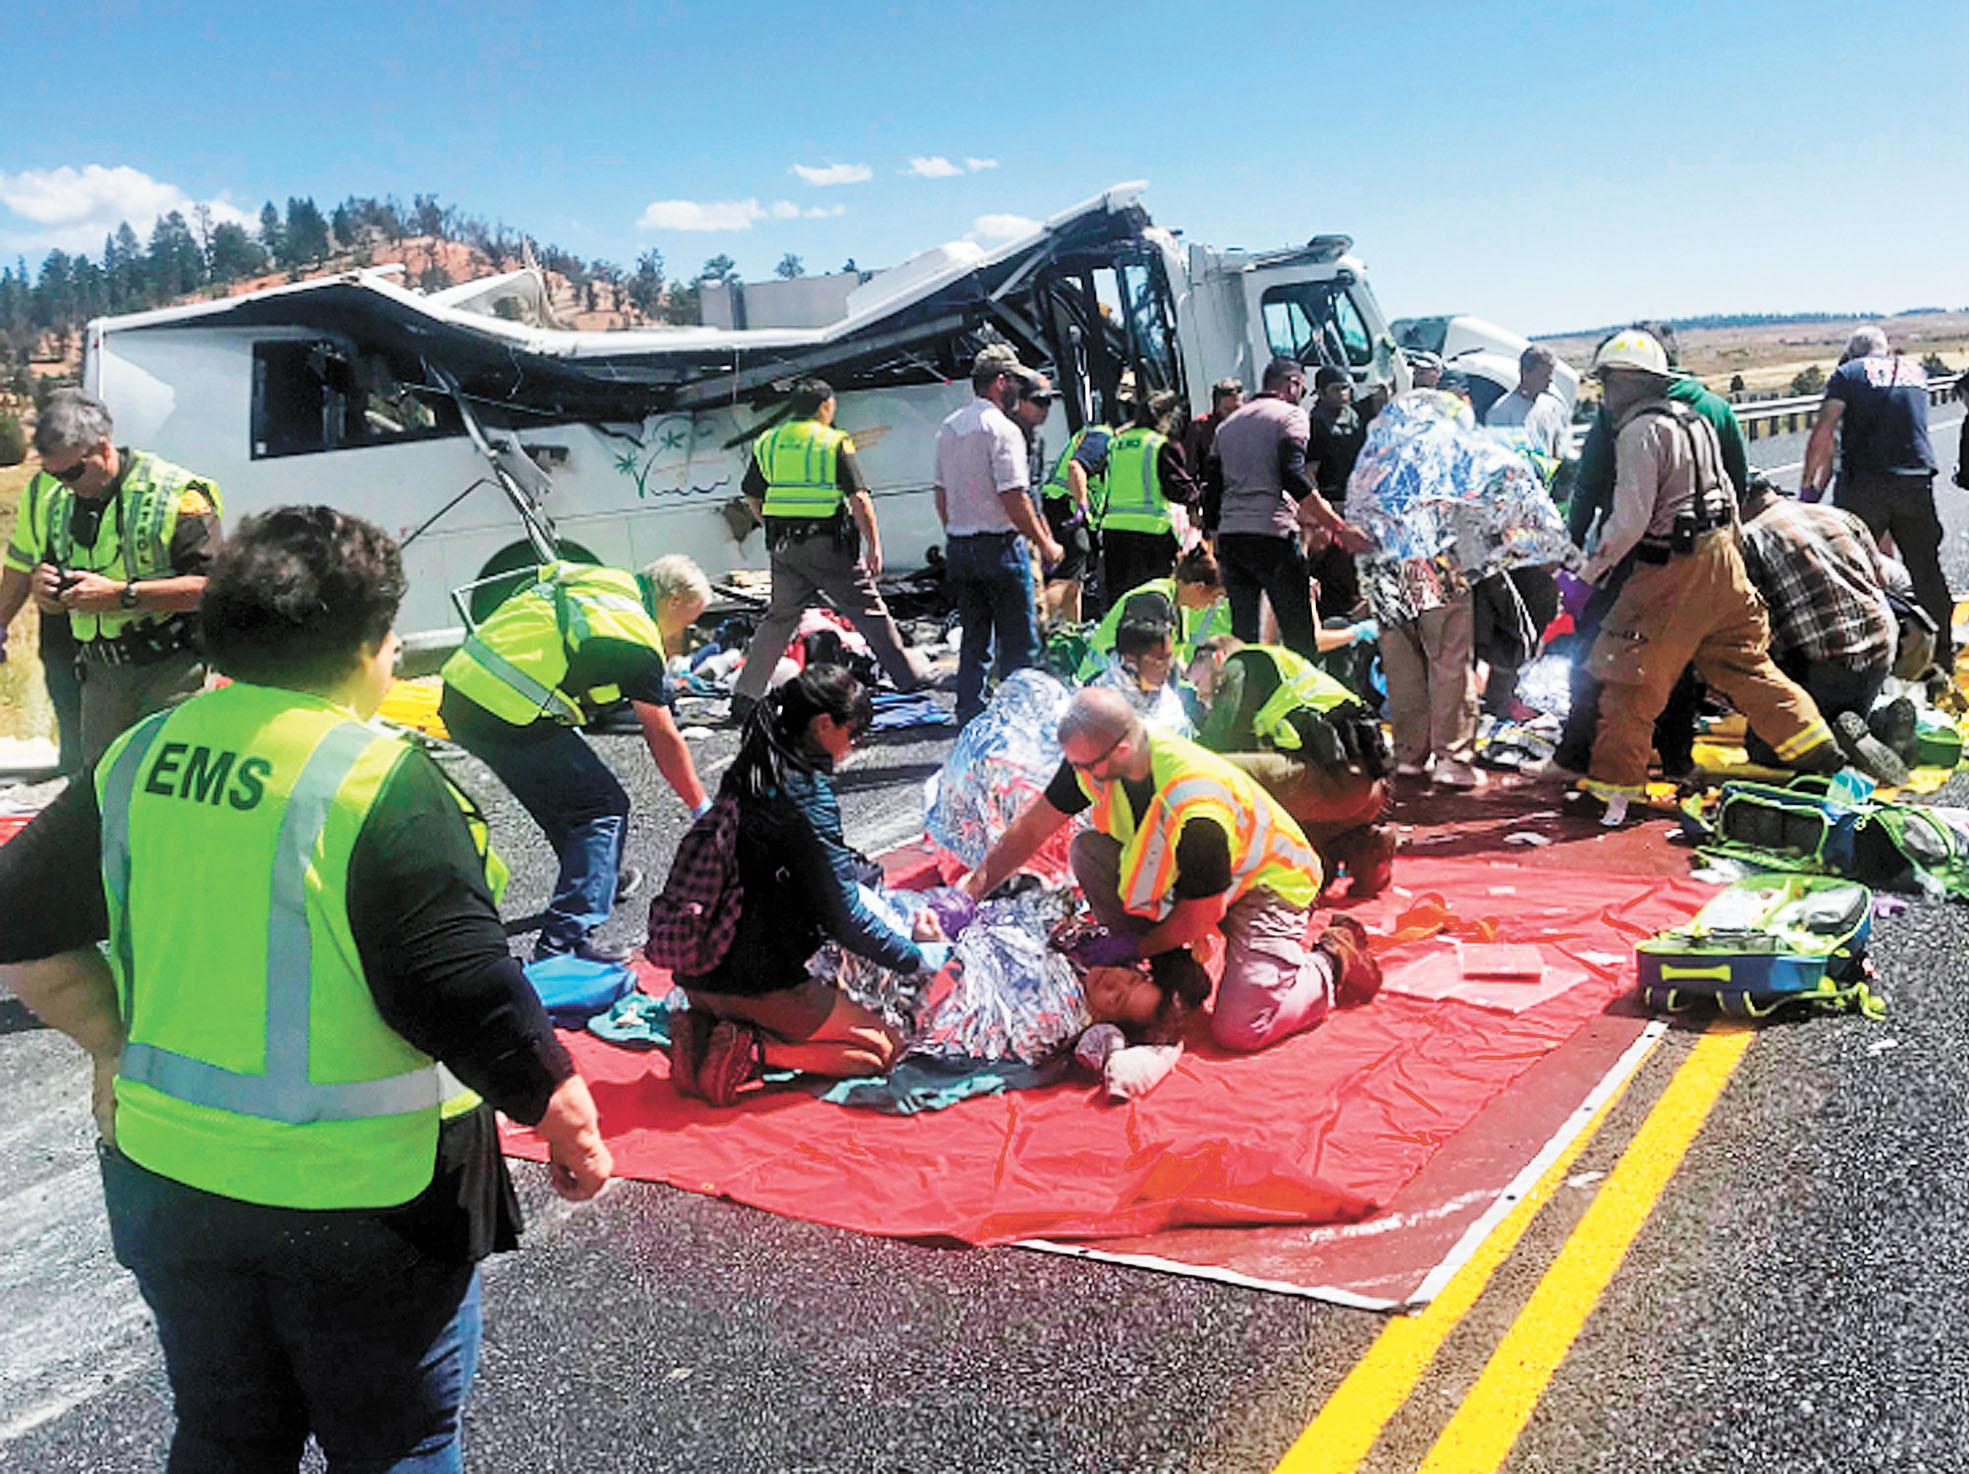 美國猶他州發生旅遊巴士嚴重車禍,至少釀成4人死亡,圖為事故現場有傷者須要即場治理。美聯社